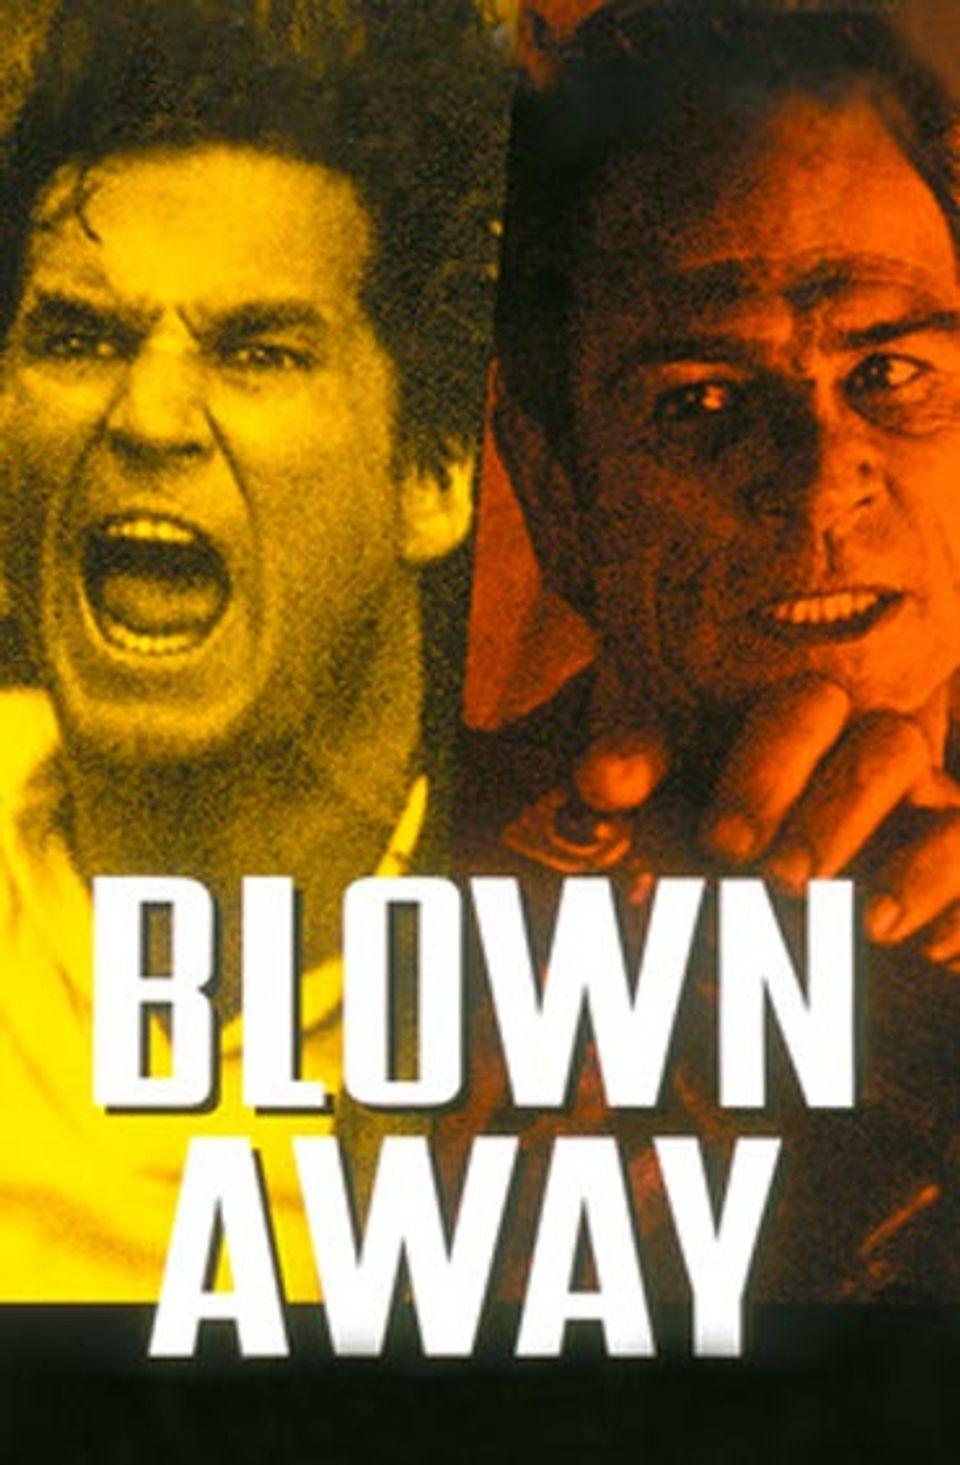 """ภ.ฝรั่ง """"หยุดเวลาระเบิดเมือง"""" (BLOWN AWAY)"""